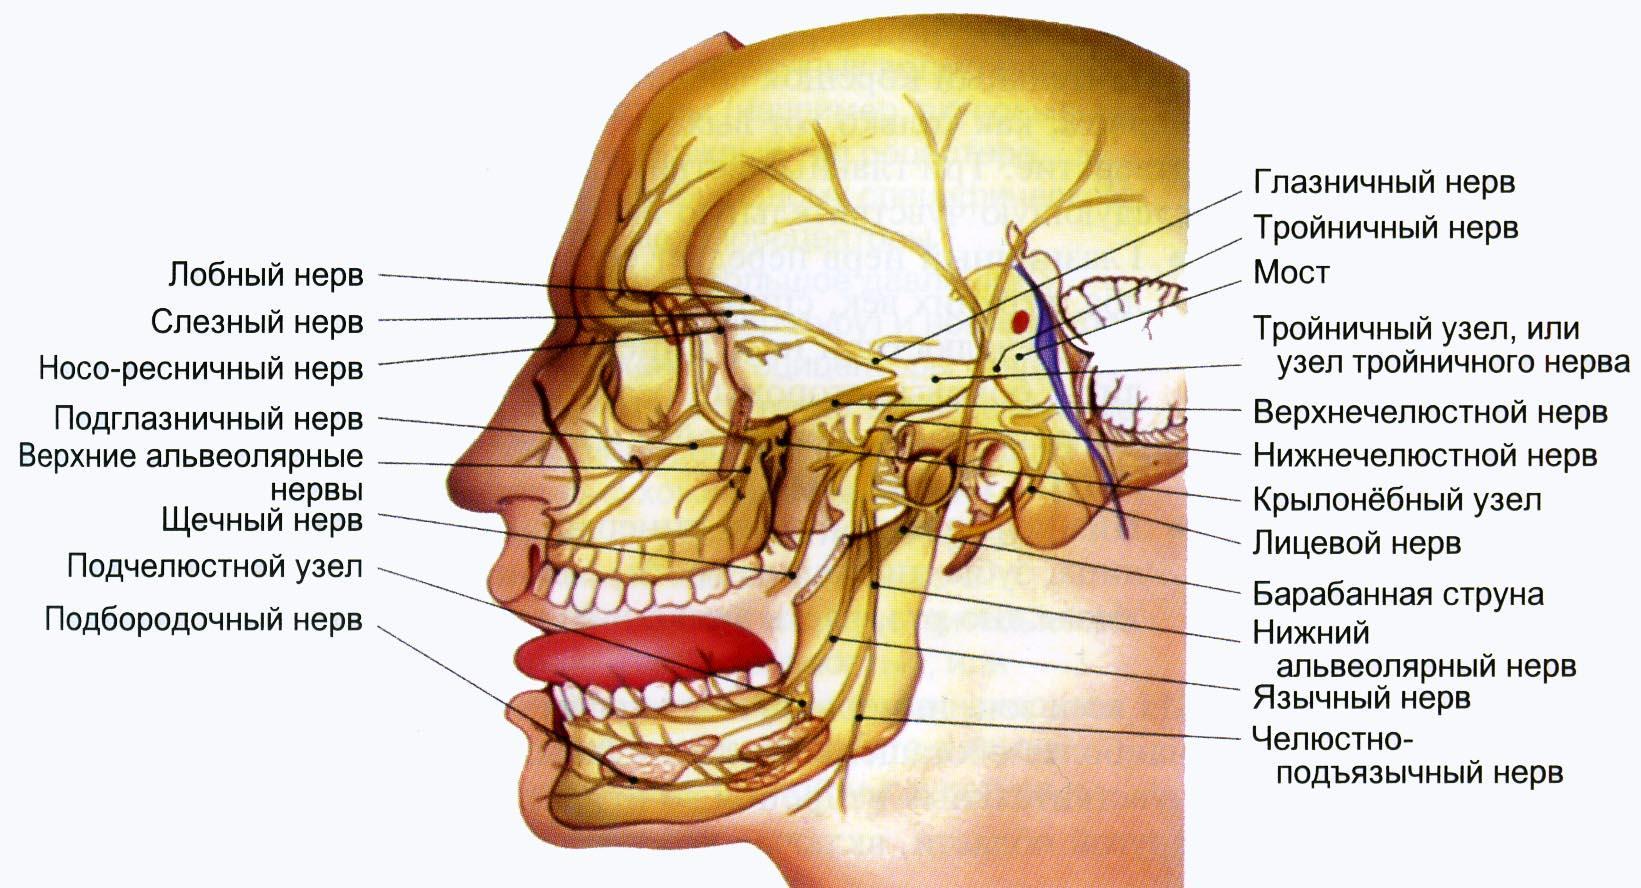 Анатомия челюстно-лицевого сустава височно-нижнечелюстной сустав его заболевания